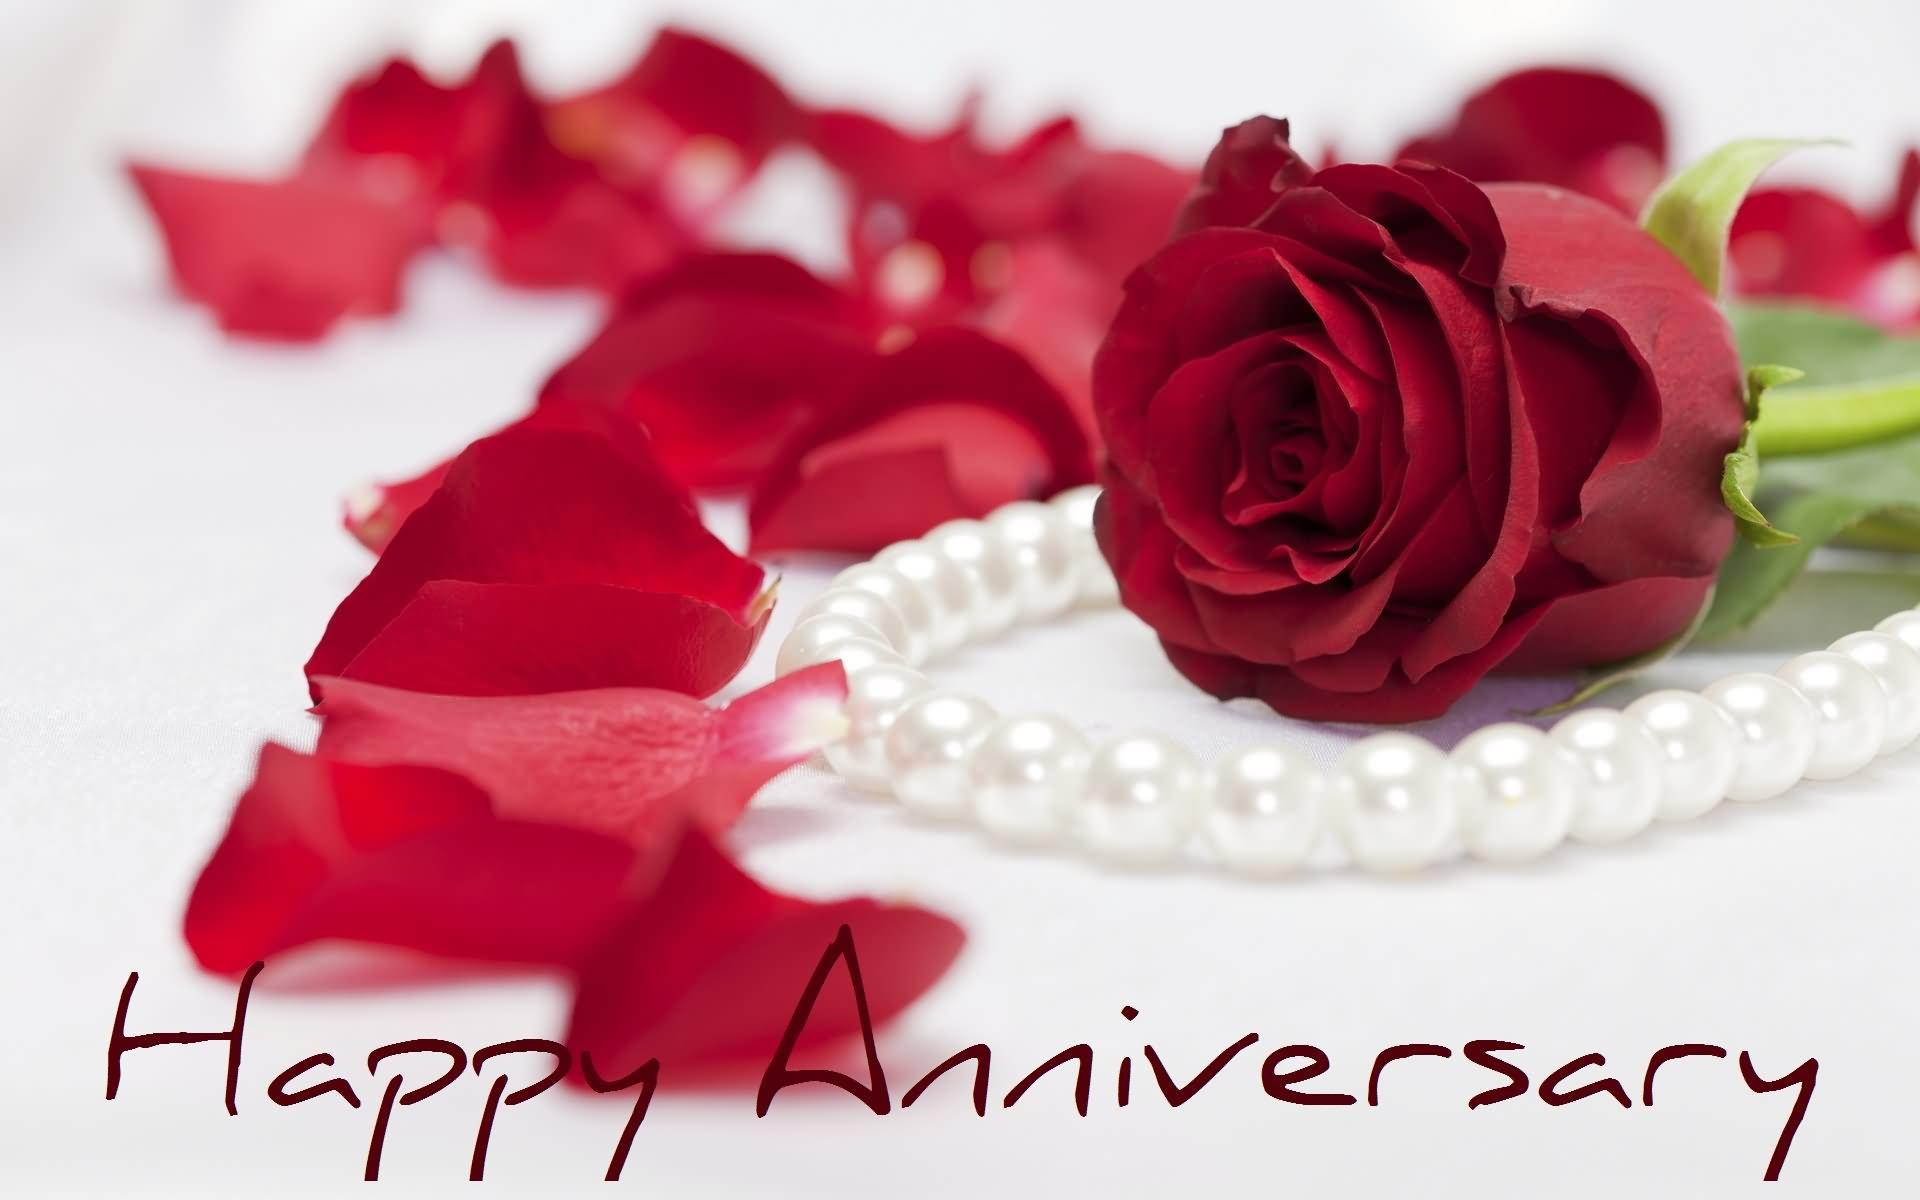 بالصور مسجات عيد زواج , اجمل الرسائل لعيد الزواج 6441 10